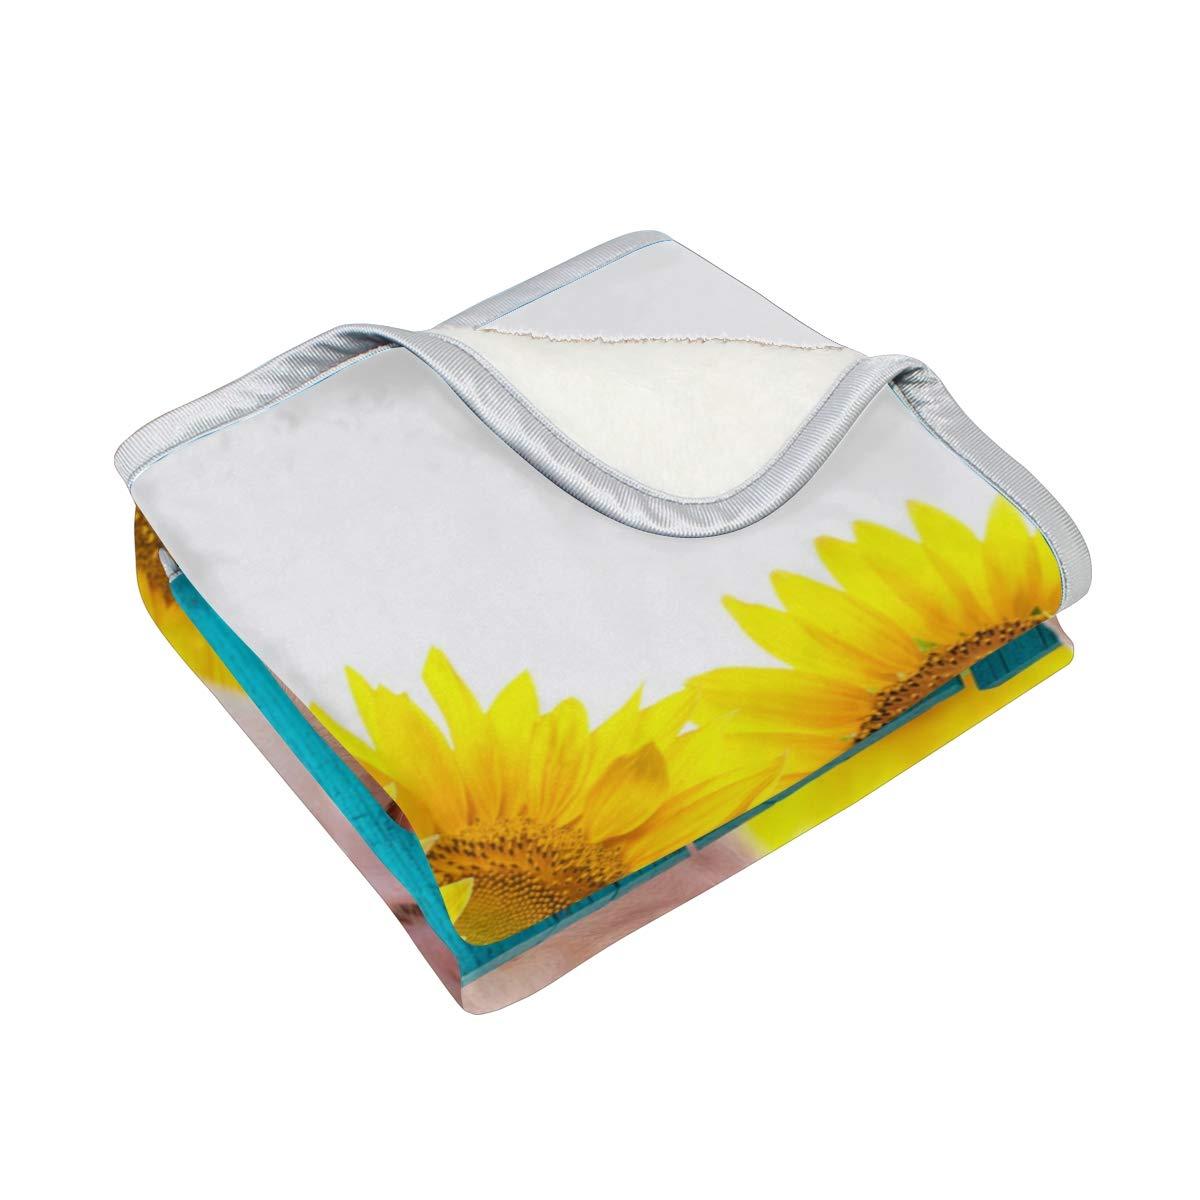 leicht Outdoor weich Reisen 127 x 152 cm warm Samt vinlin Lustige Decke mit Sonnenblumenmotiv für Wohnzimmer